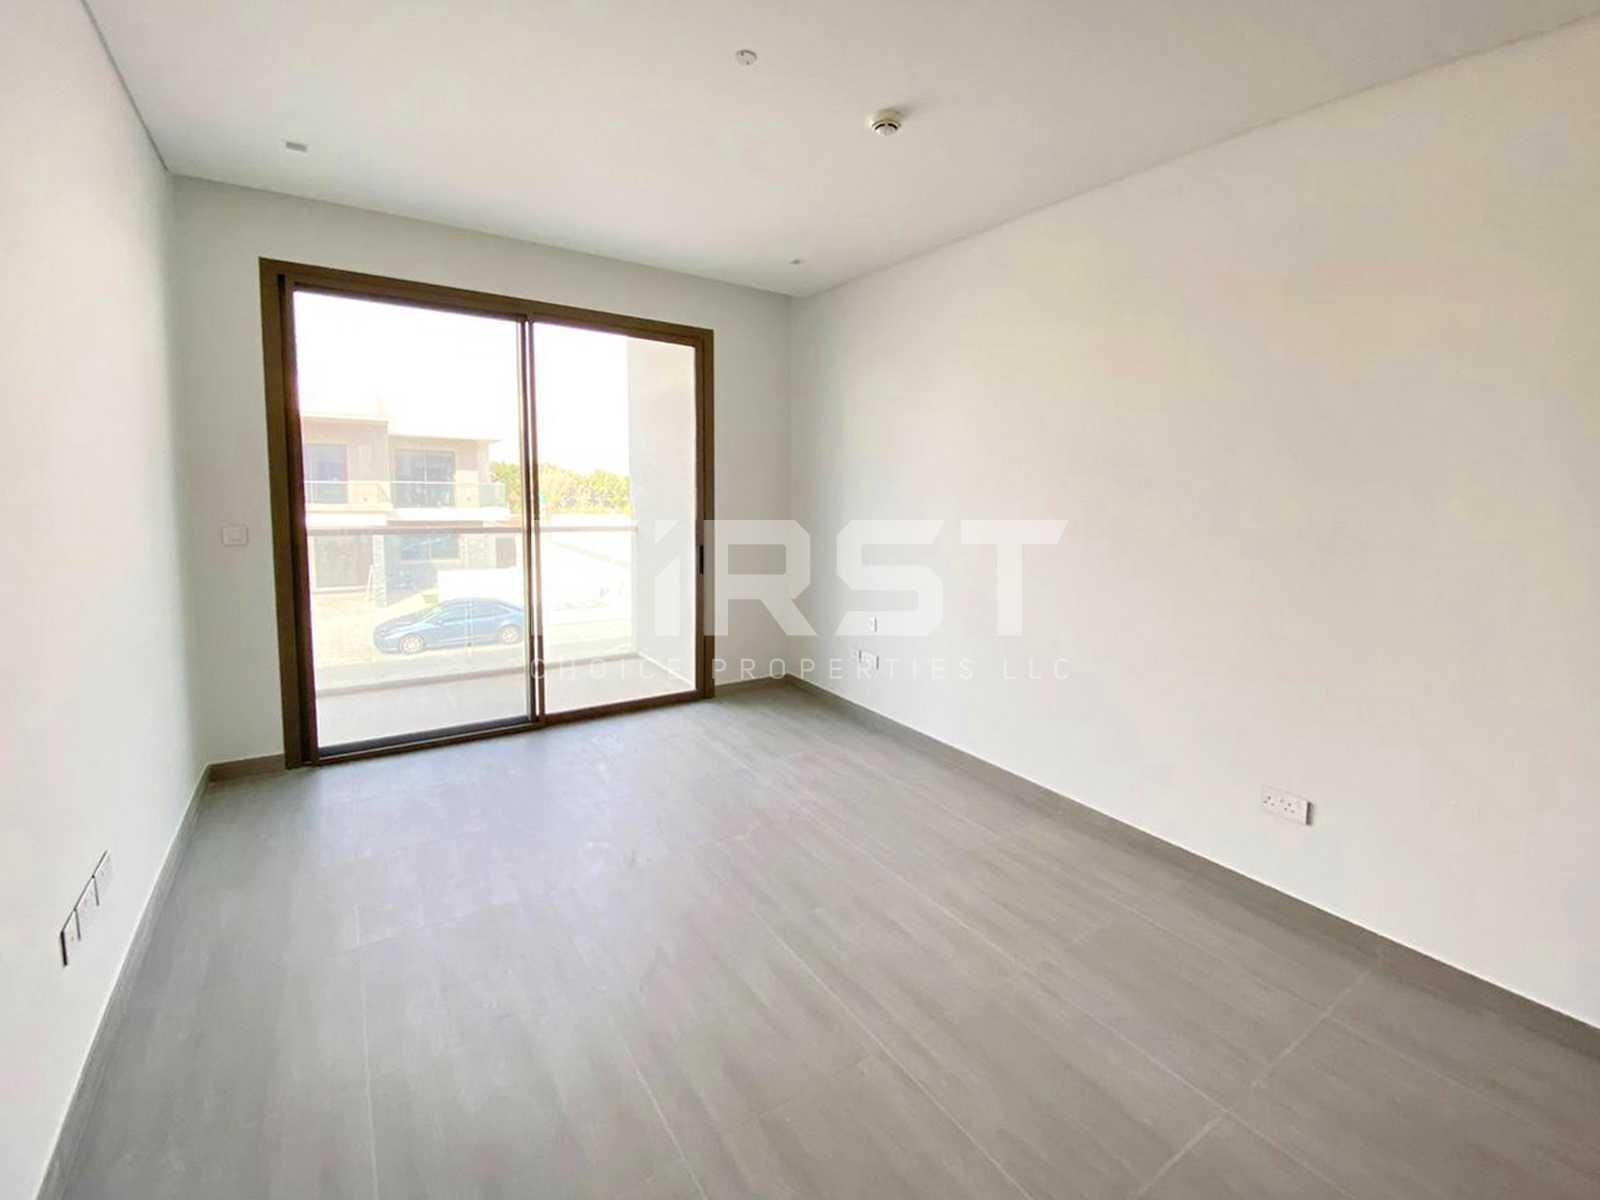 External Photo of 4 Bedroom Duplex Type 4Y in Yas Acres Yas Island AUH UAE (6).jpg